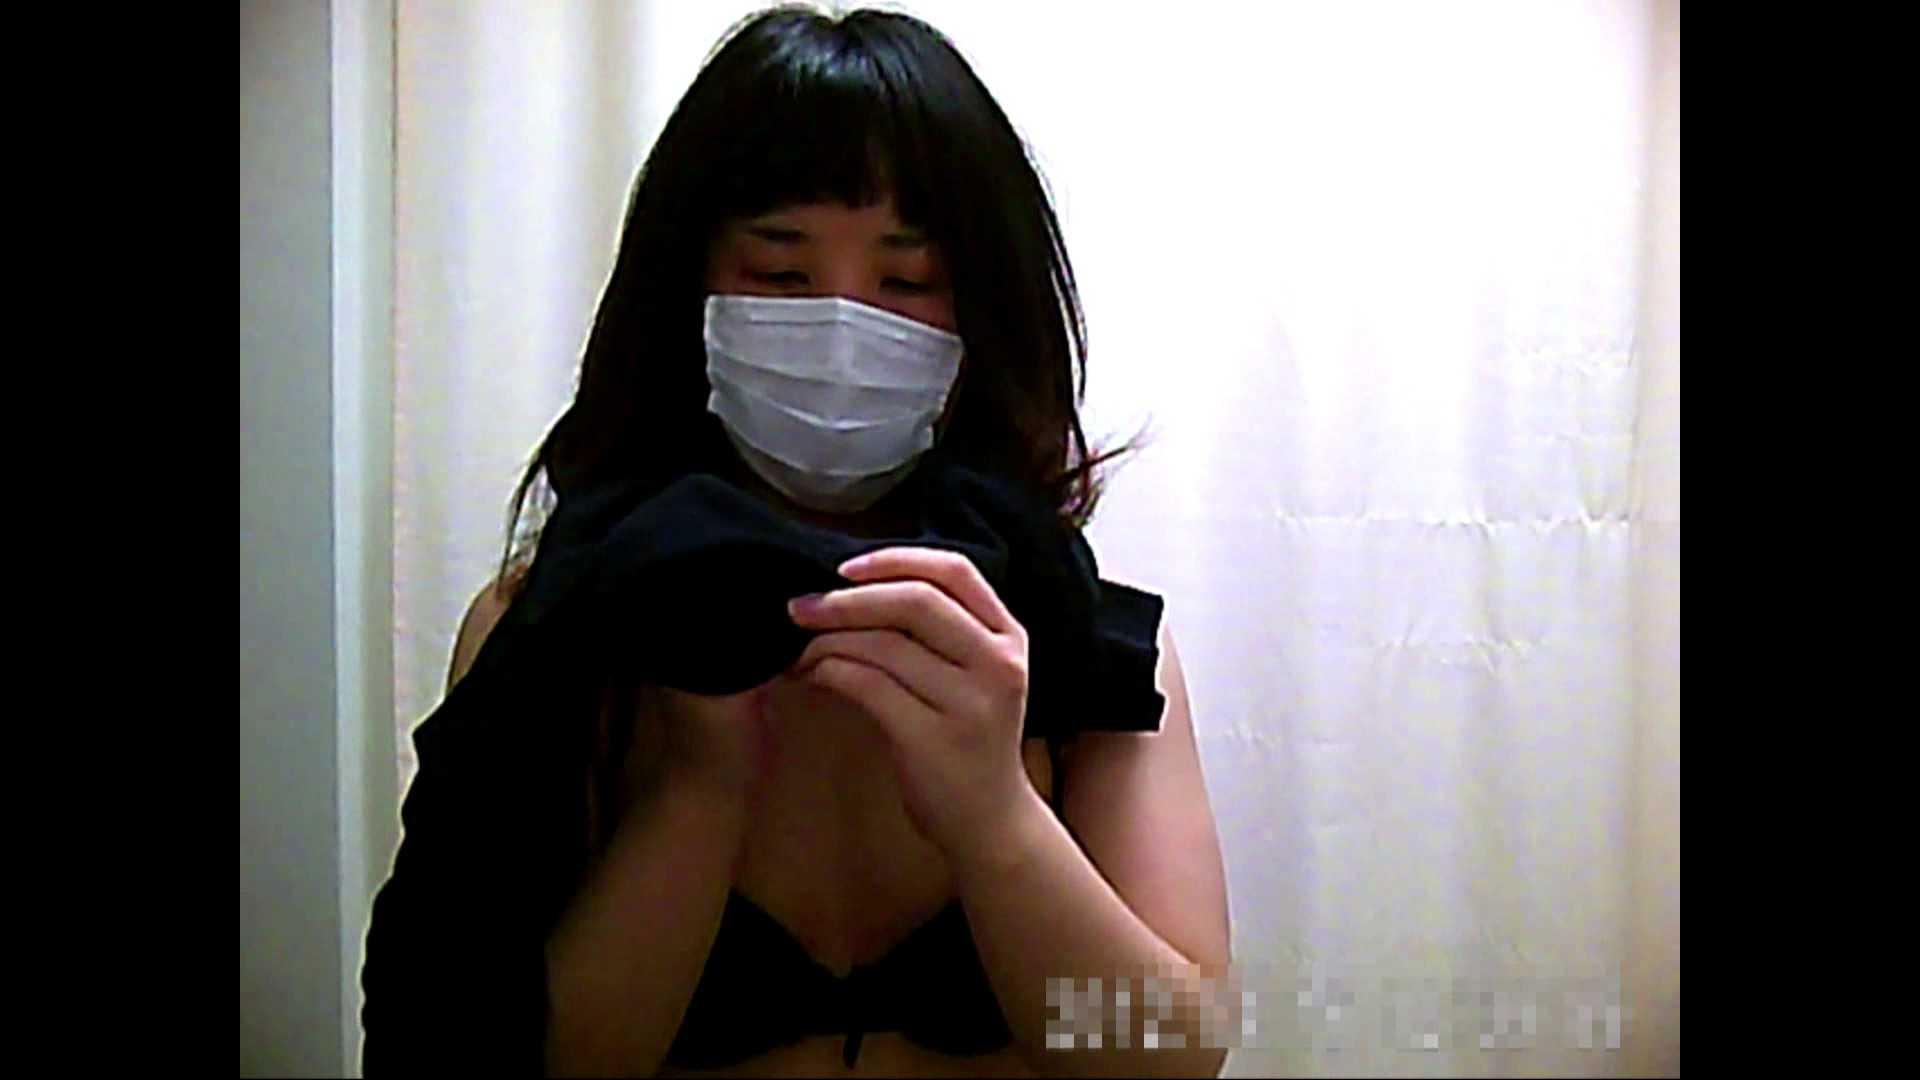 元医者による反抗 更衣室地獄絵巻 vol.269 盛合せ  50画像 40